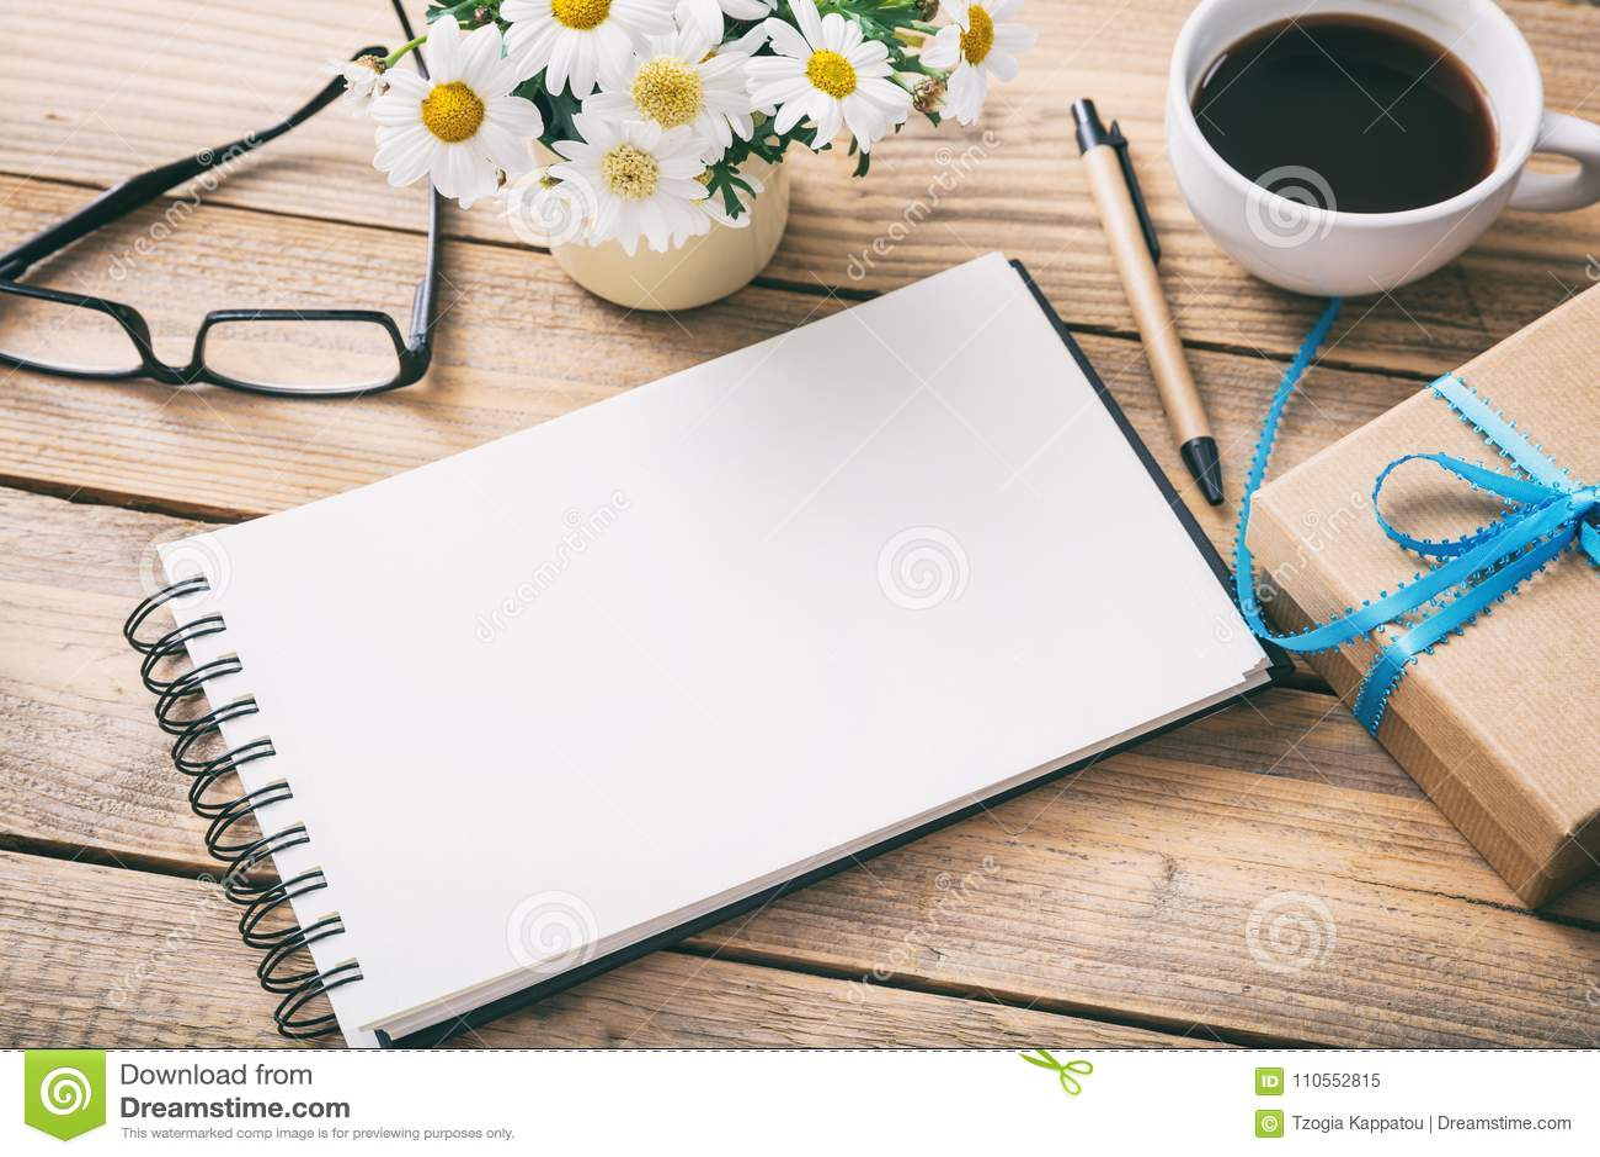 Geschenkbox Und Ein Leeres Leeres Notizbuch Schreibtischhintergrund